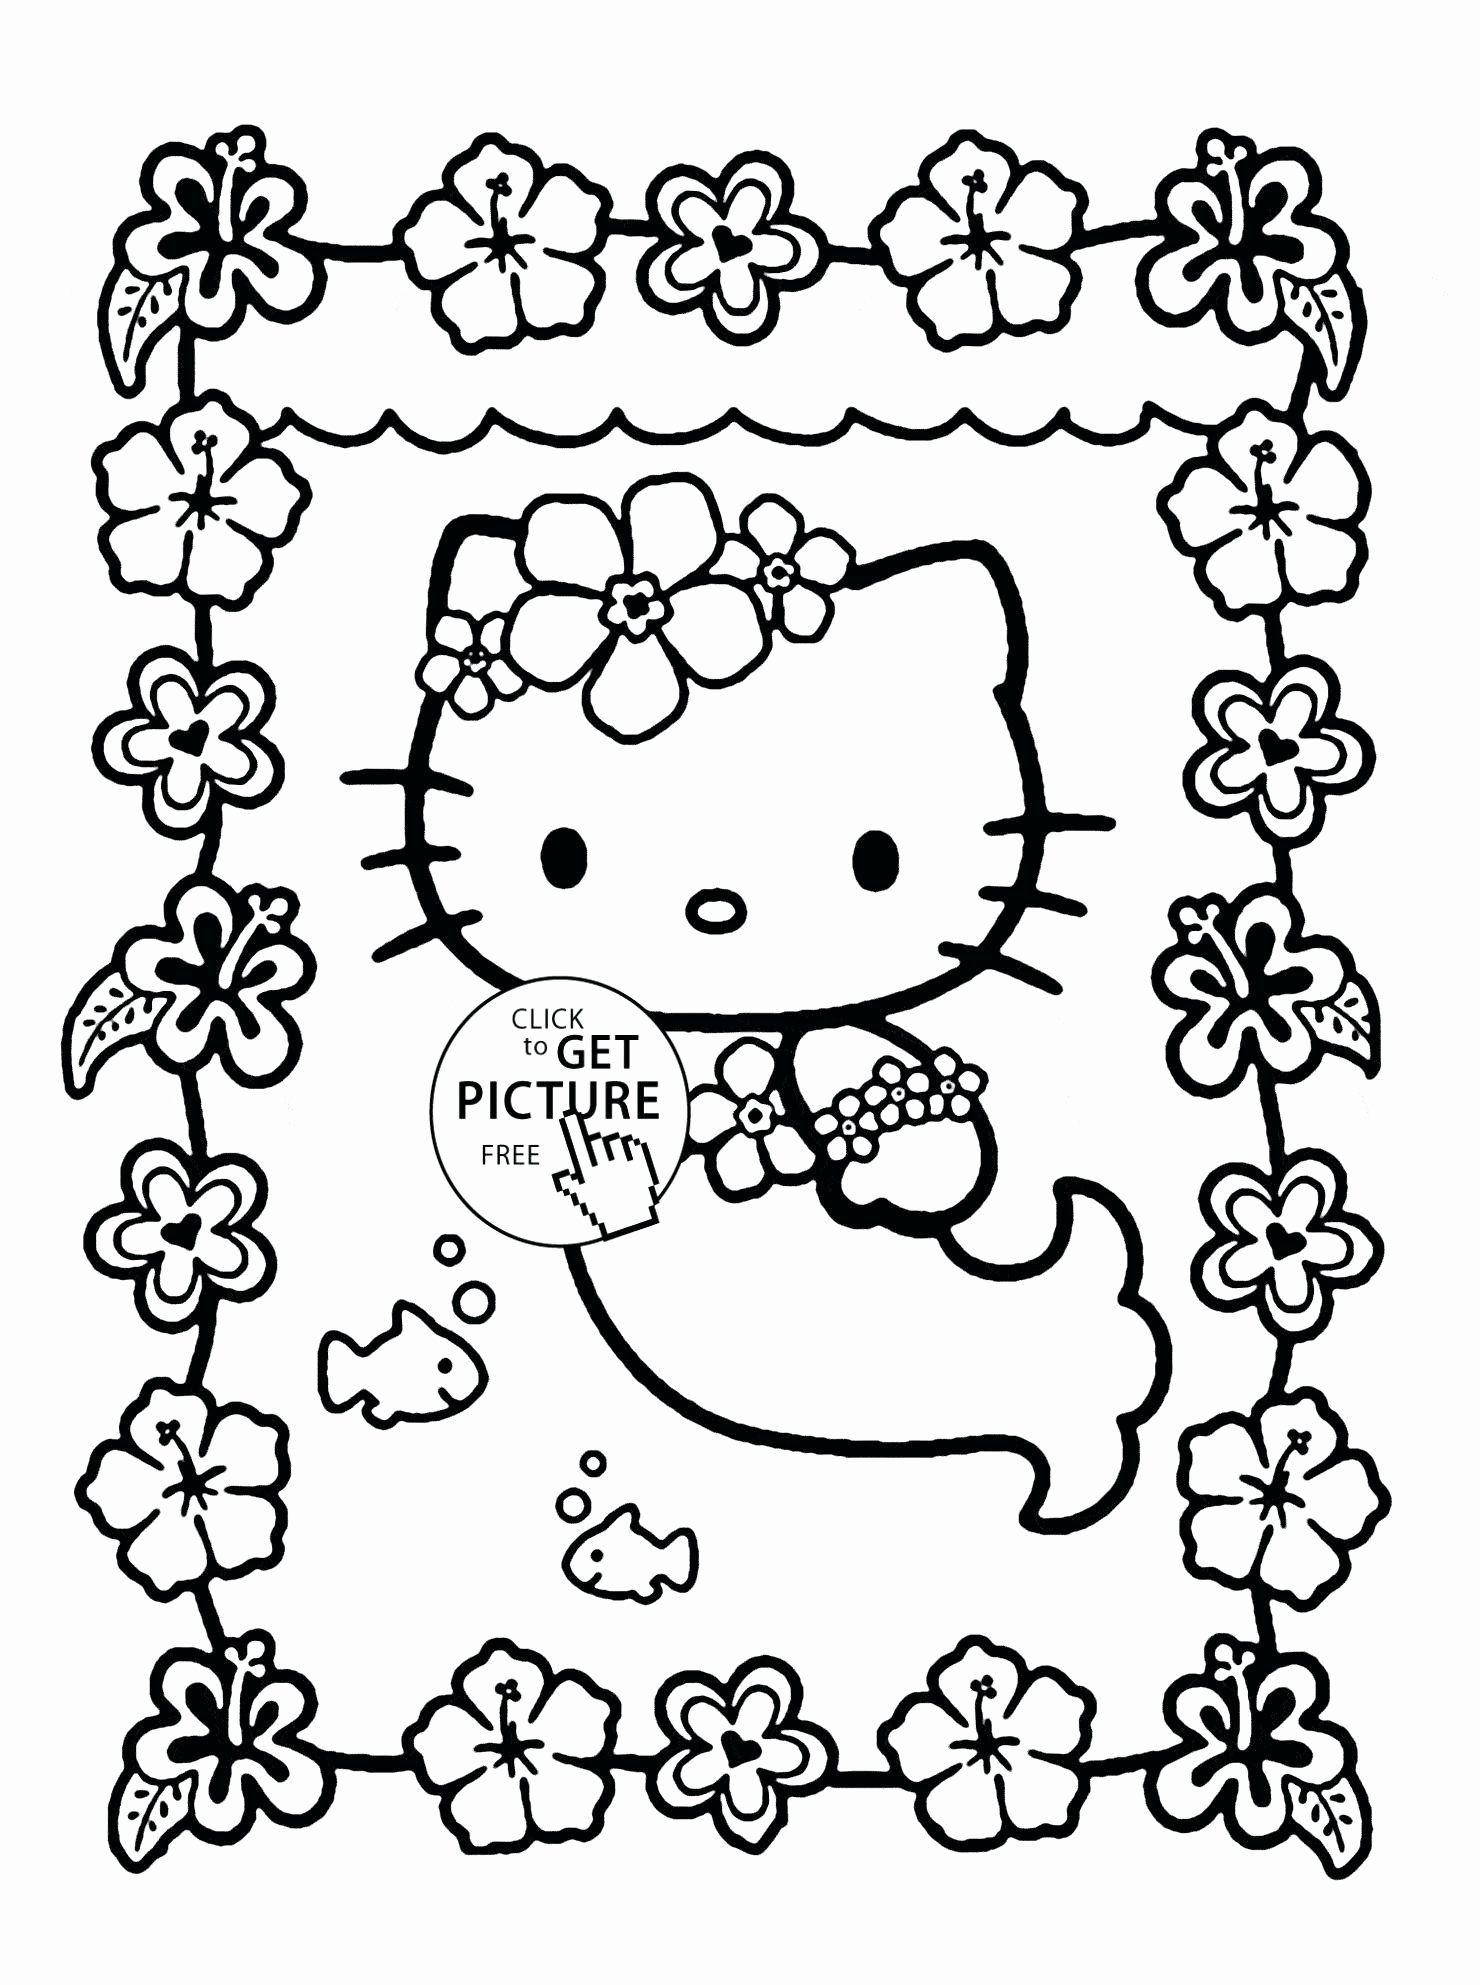 Coloring Pages Flowers Hello Kitty Fresh Hello Kitty Christmas Coloring Pages Games Codeadventures Knizhka Raskraska Raskraski Rozhdestvenskie Raskraski